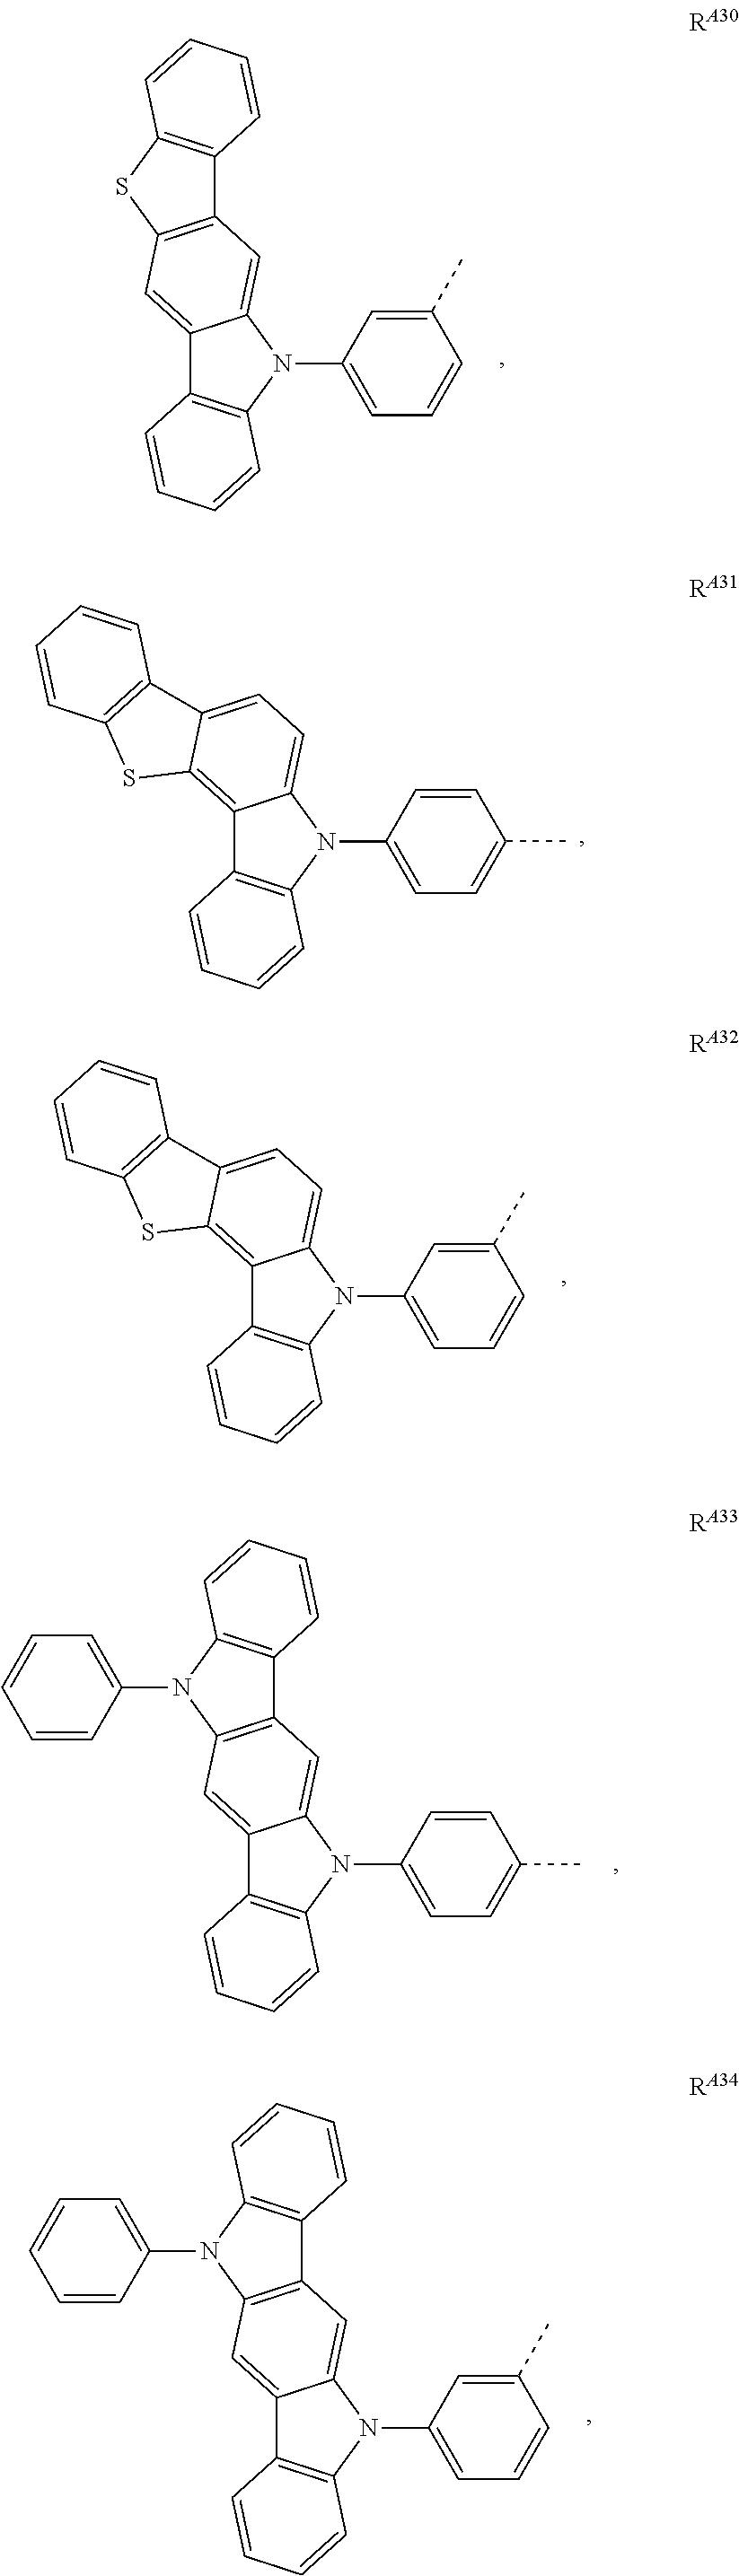 Figure US09761814-20170912-C00252